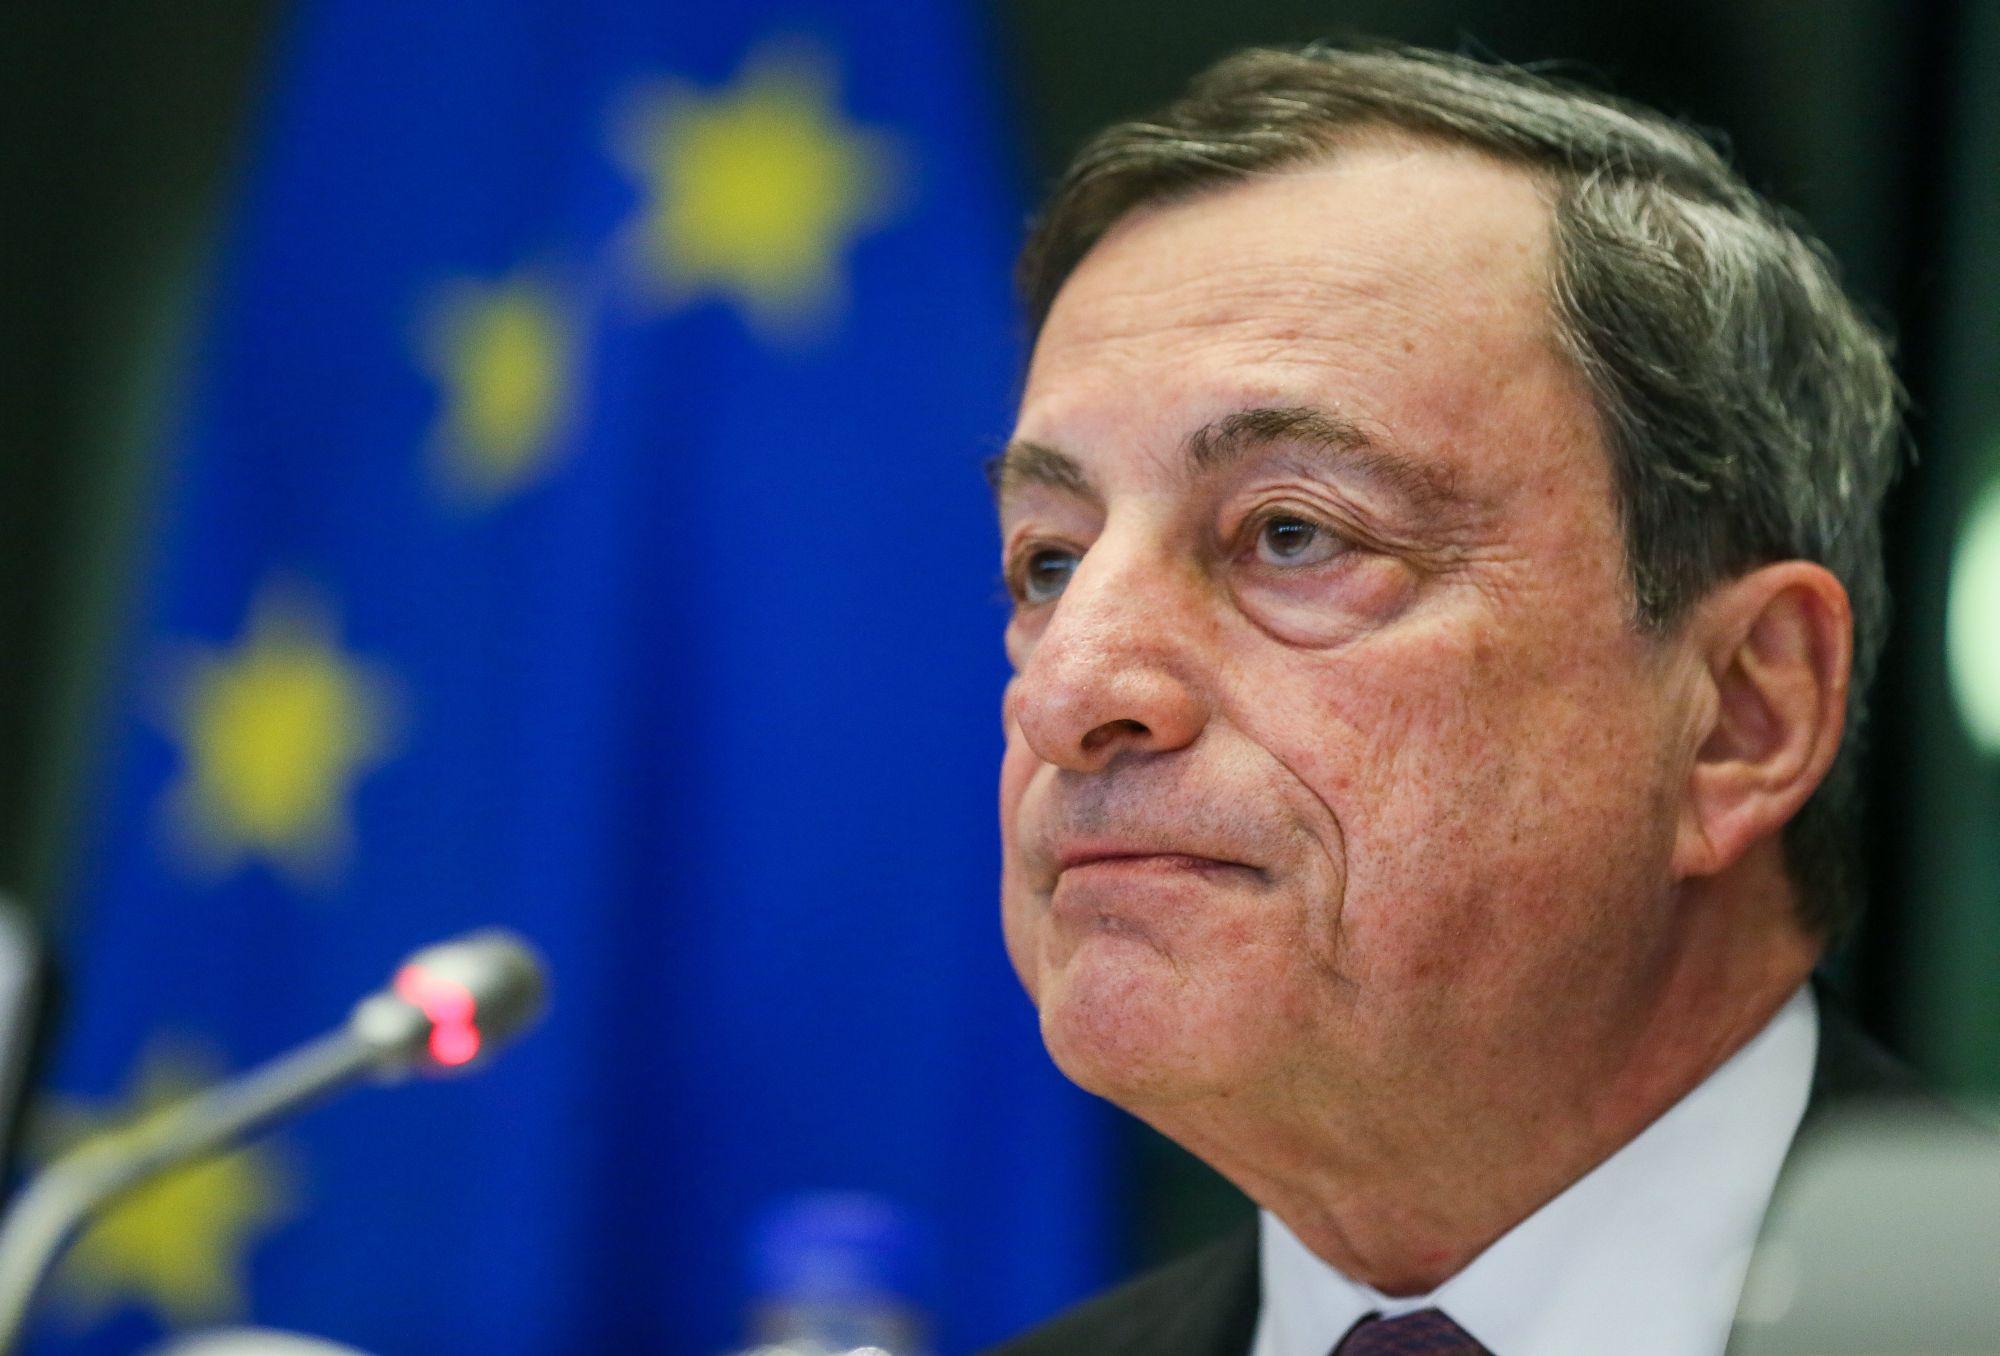 Mario Draghi, az Európai Központi Bank elnöke az Európai Parlament meghallgatásán Brüsszelben, 2018. február 26-án.  EPA/STEPHANIE LECOCQ